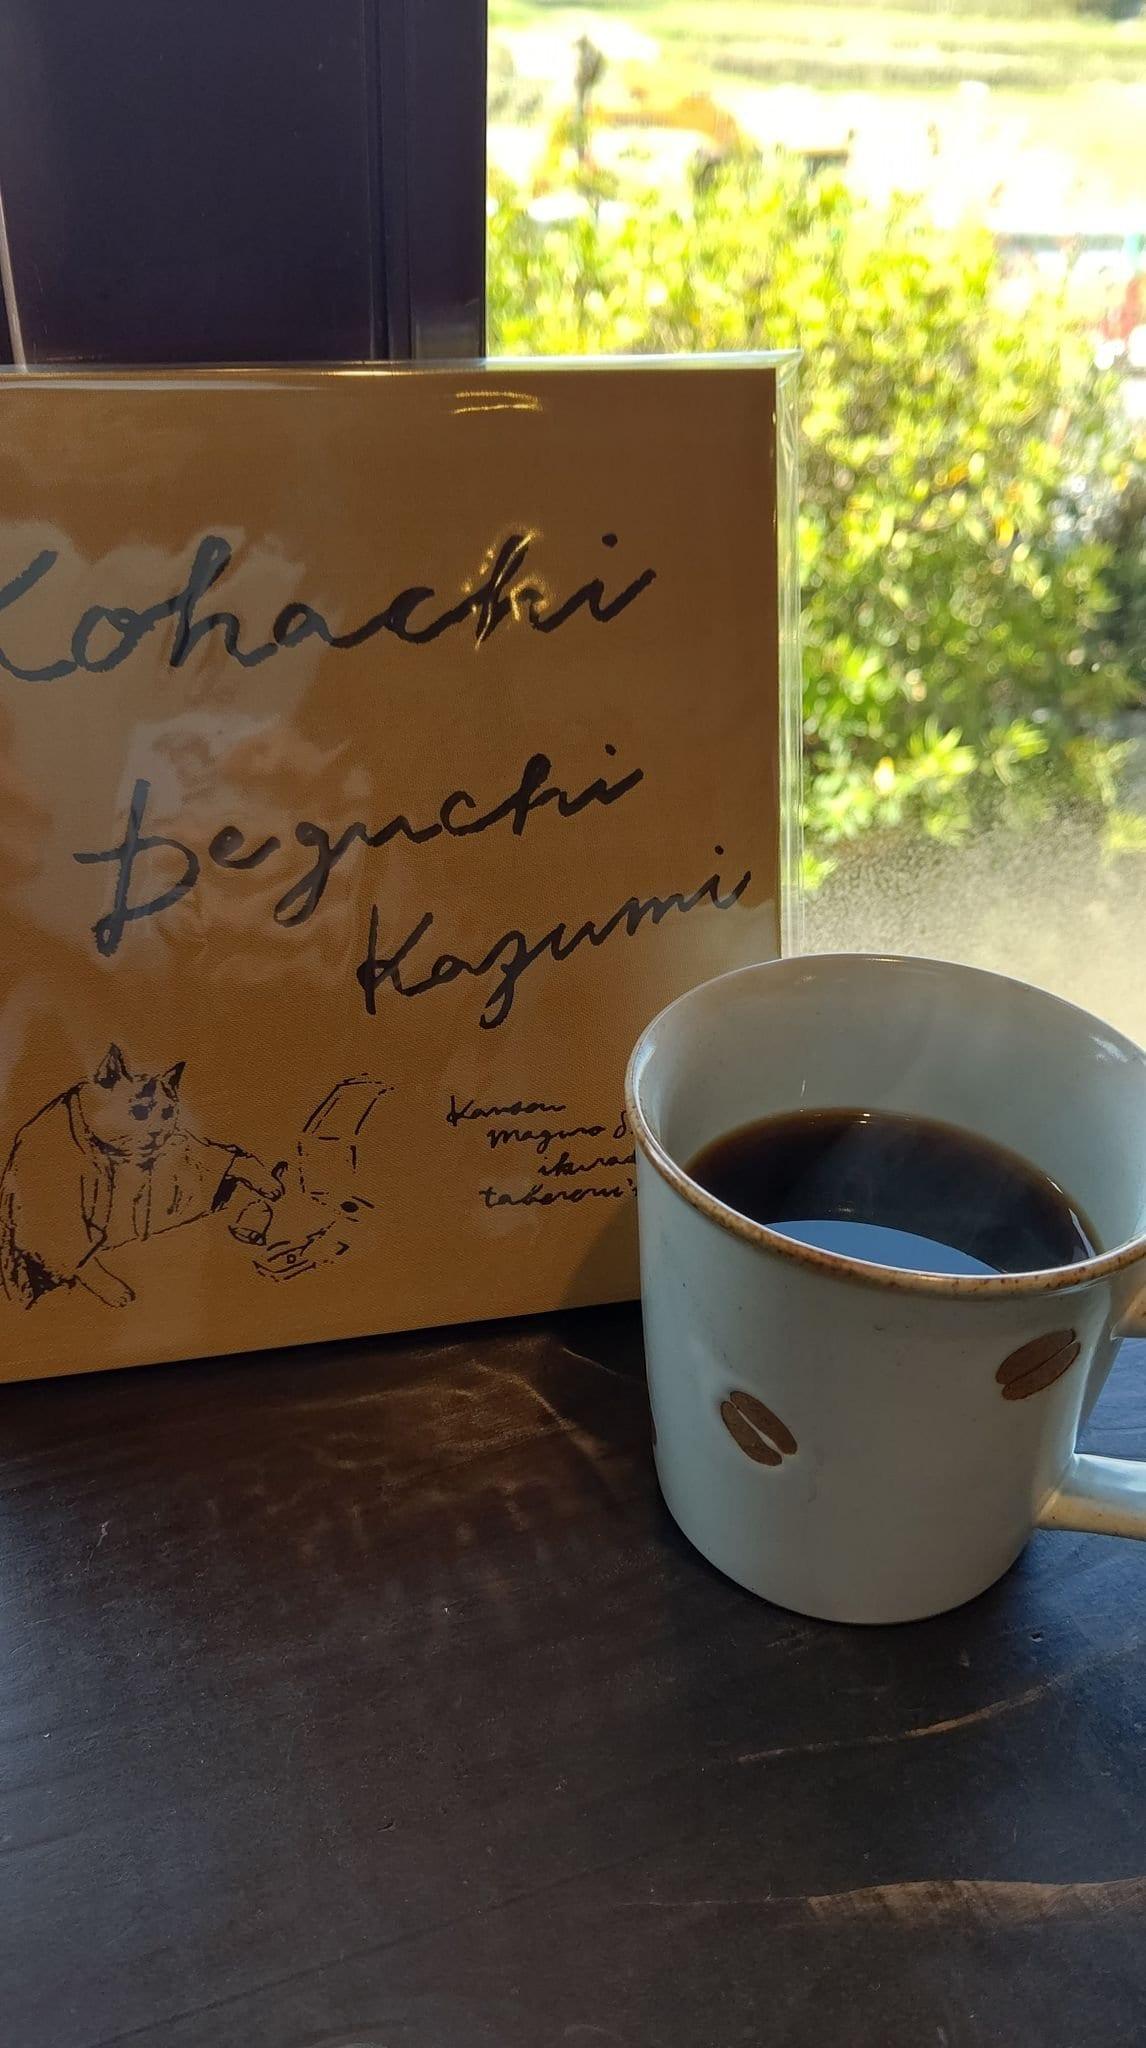 1ヵ月コーヒー飲み放題チケットのイメージその1